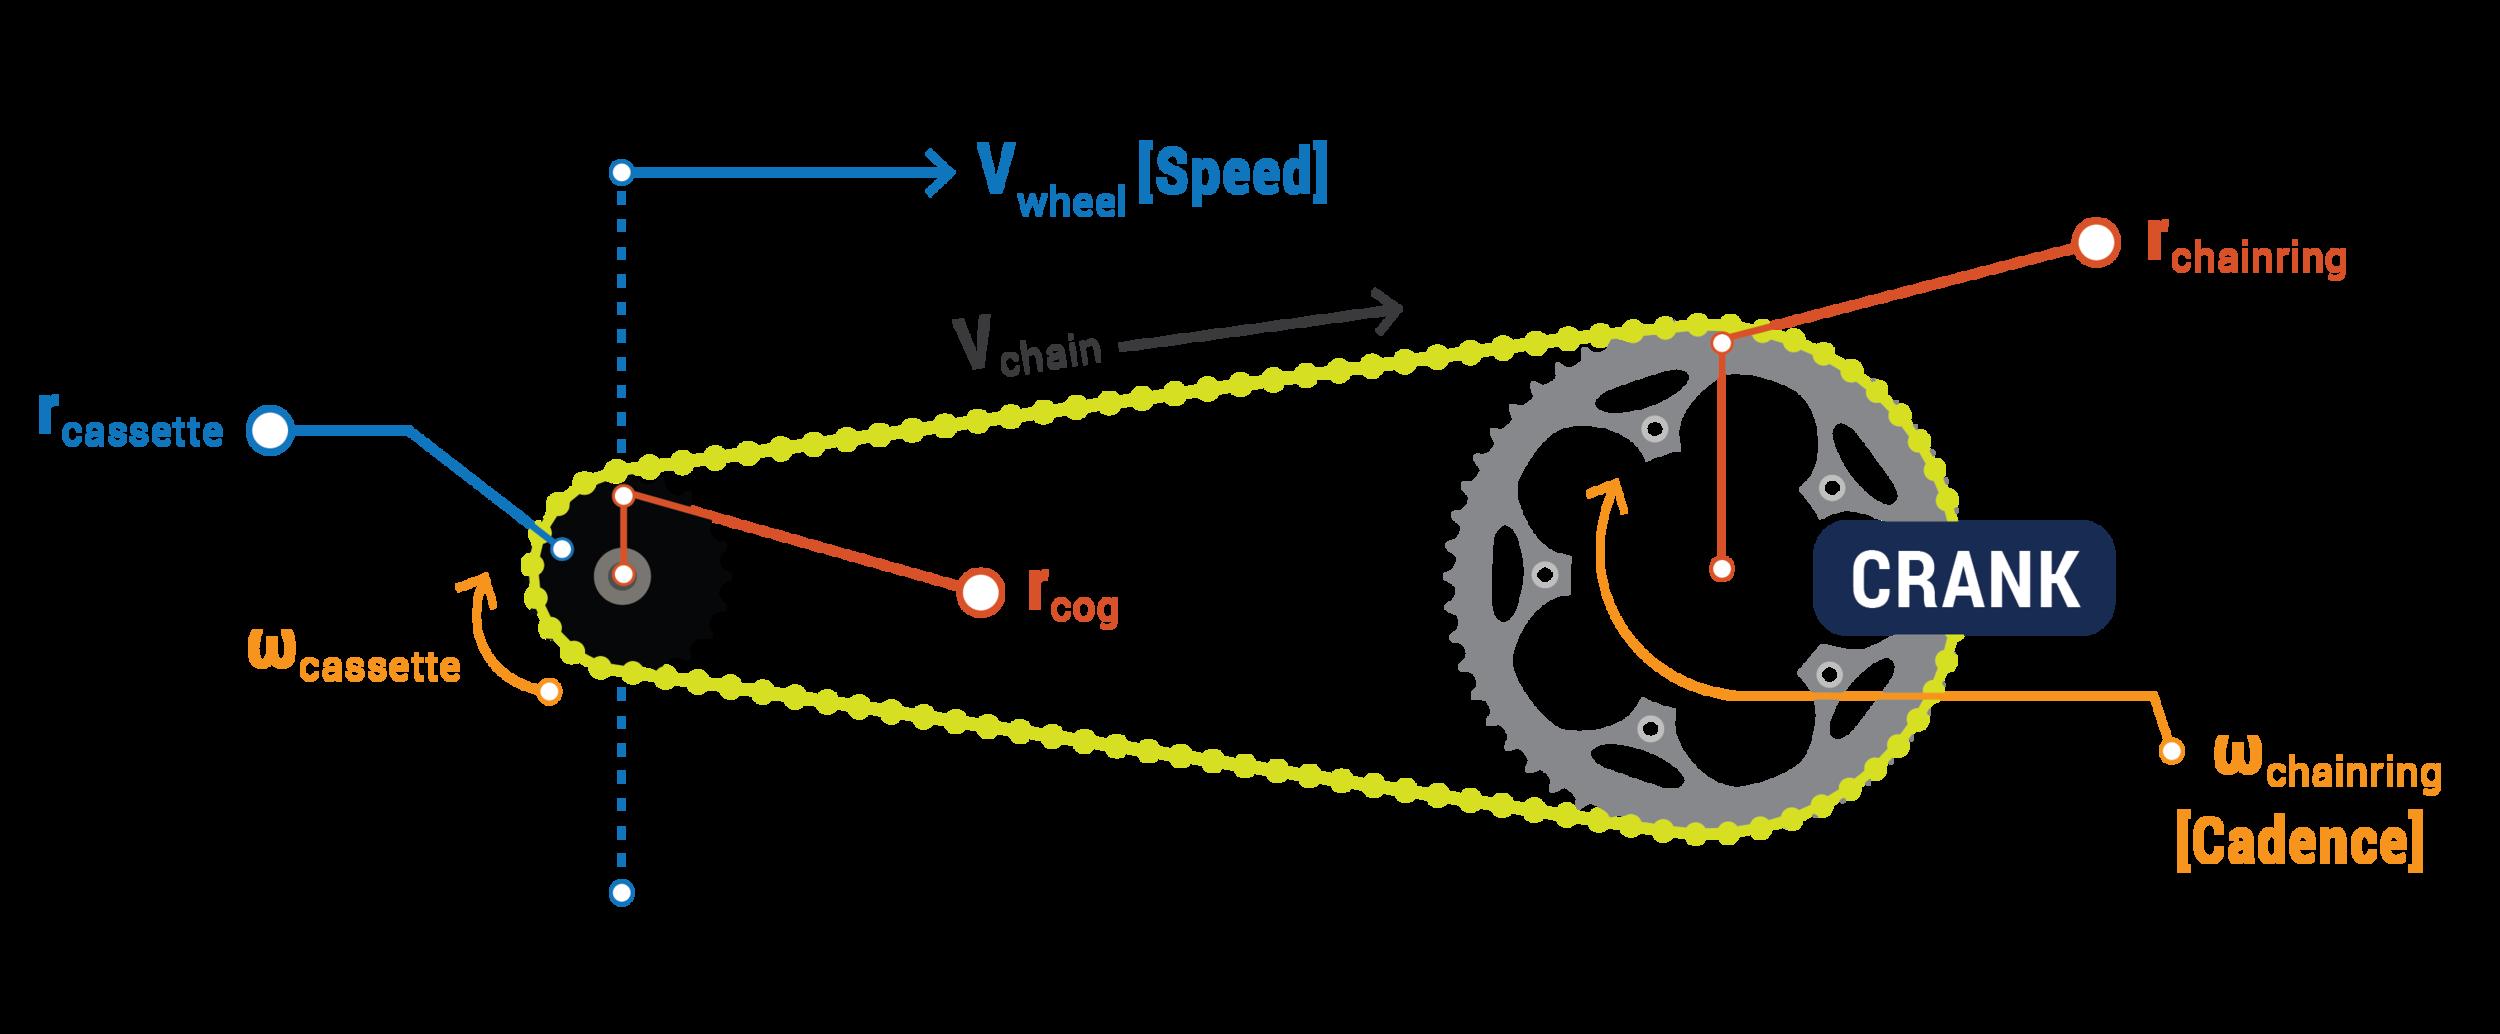 gear-diagram2.png